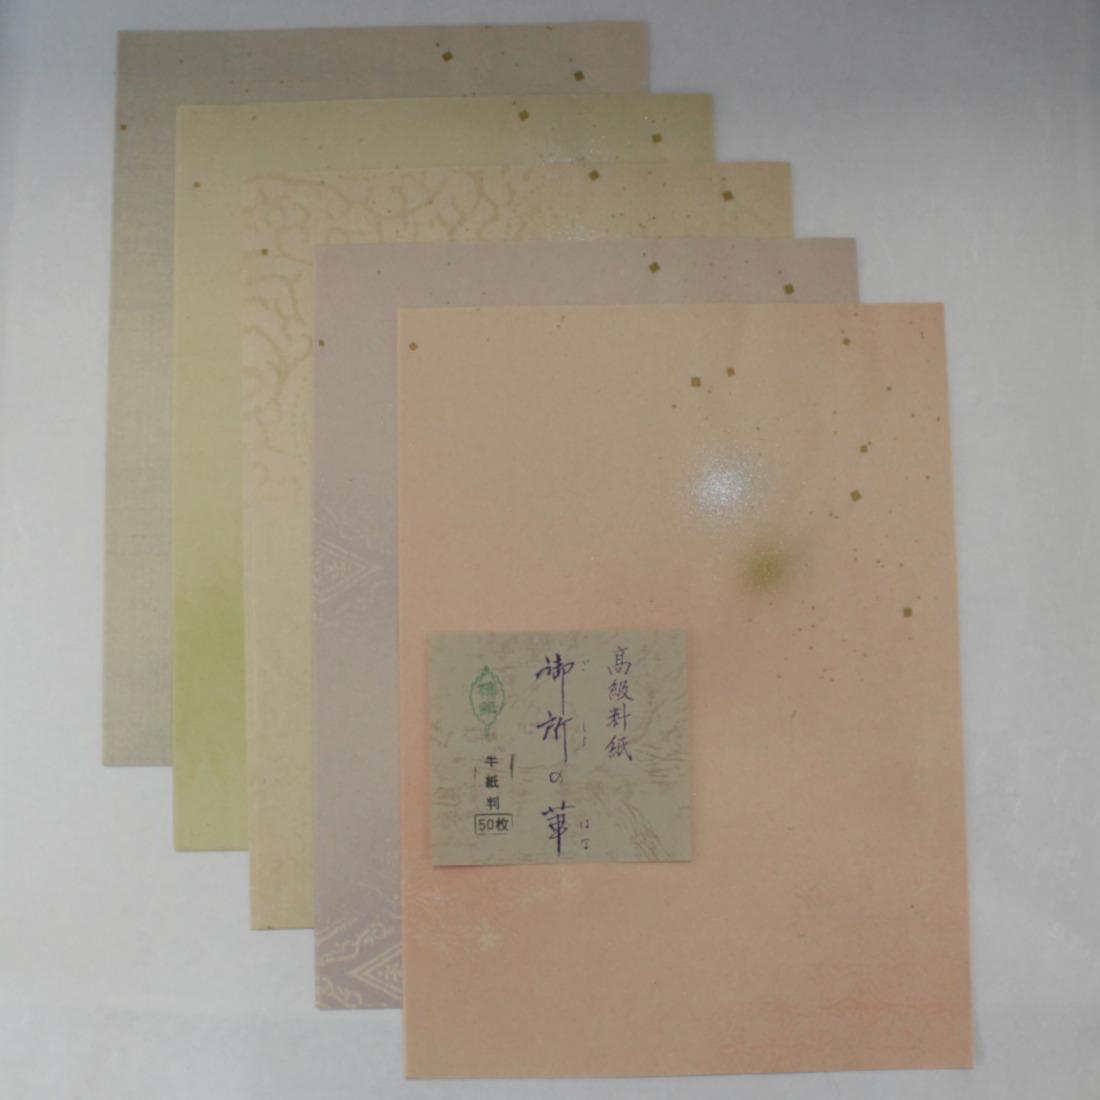 砂子入りの高級料紙セットです 仮名 料紙セット まとめ買い特価 半紙判 即納 御所の華 細字かな向き50枚入り